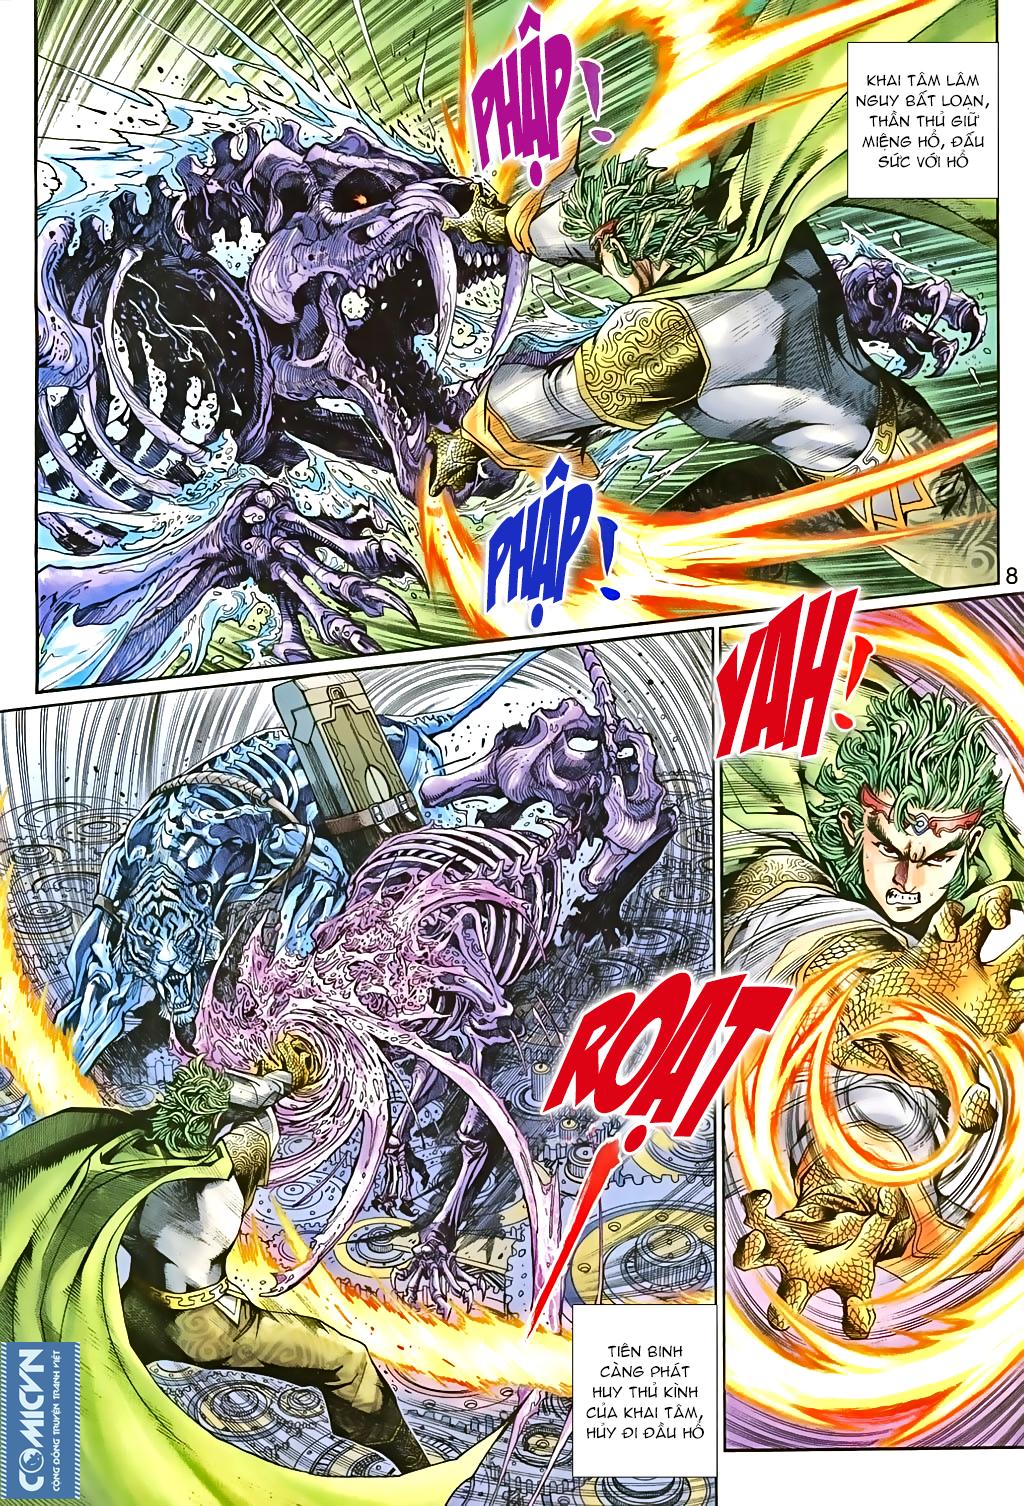 Thần binh huyền kỳ 3 - 3.5 tập 81 - 7